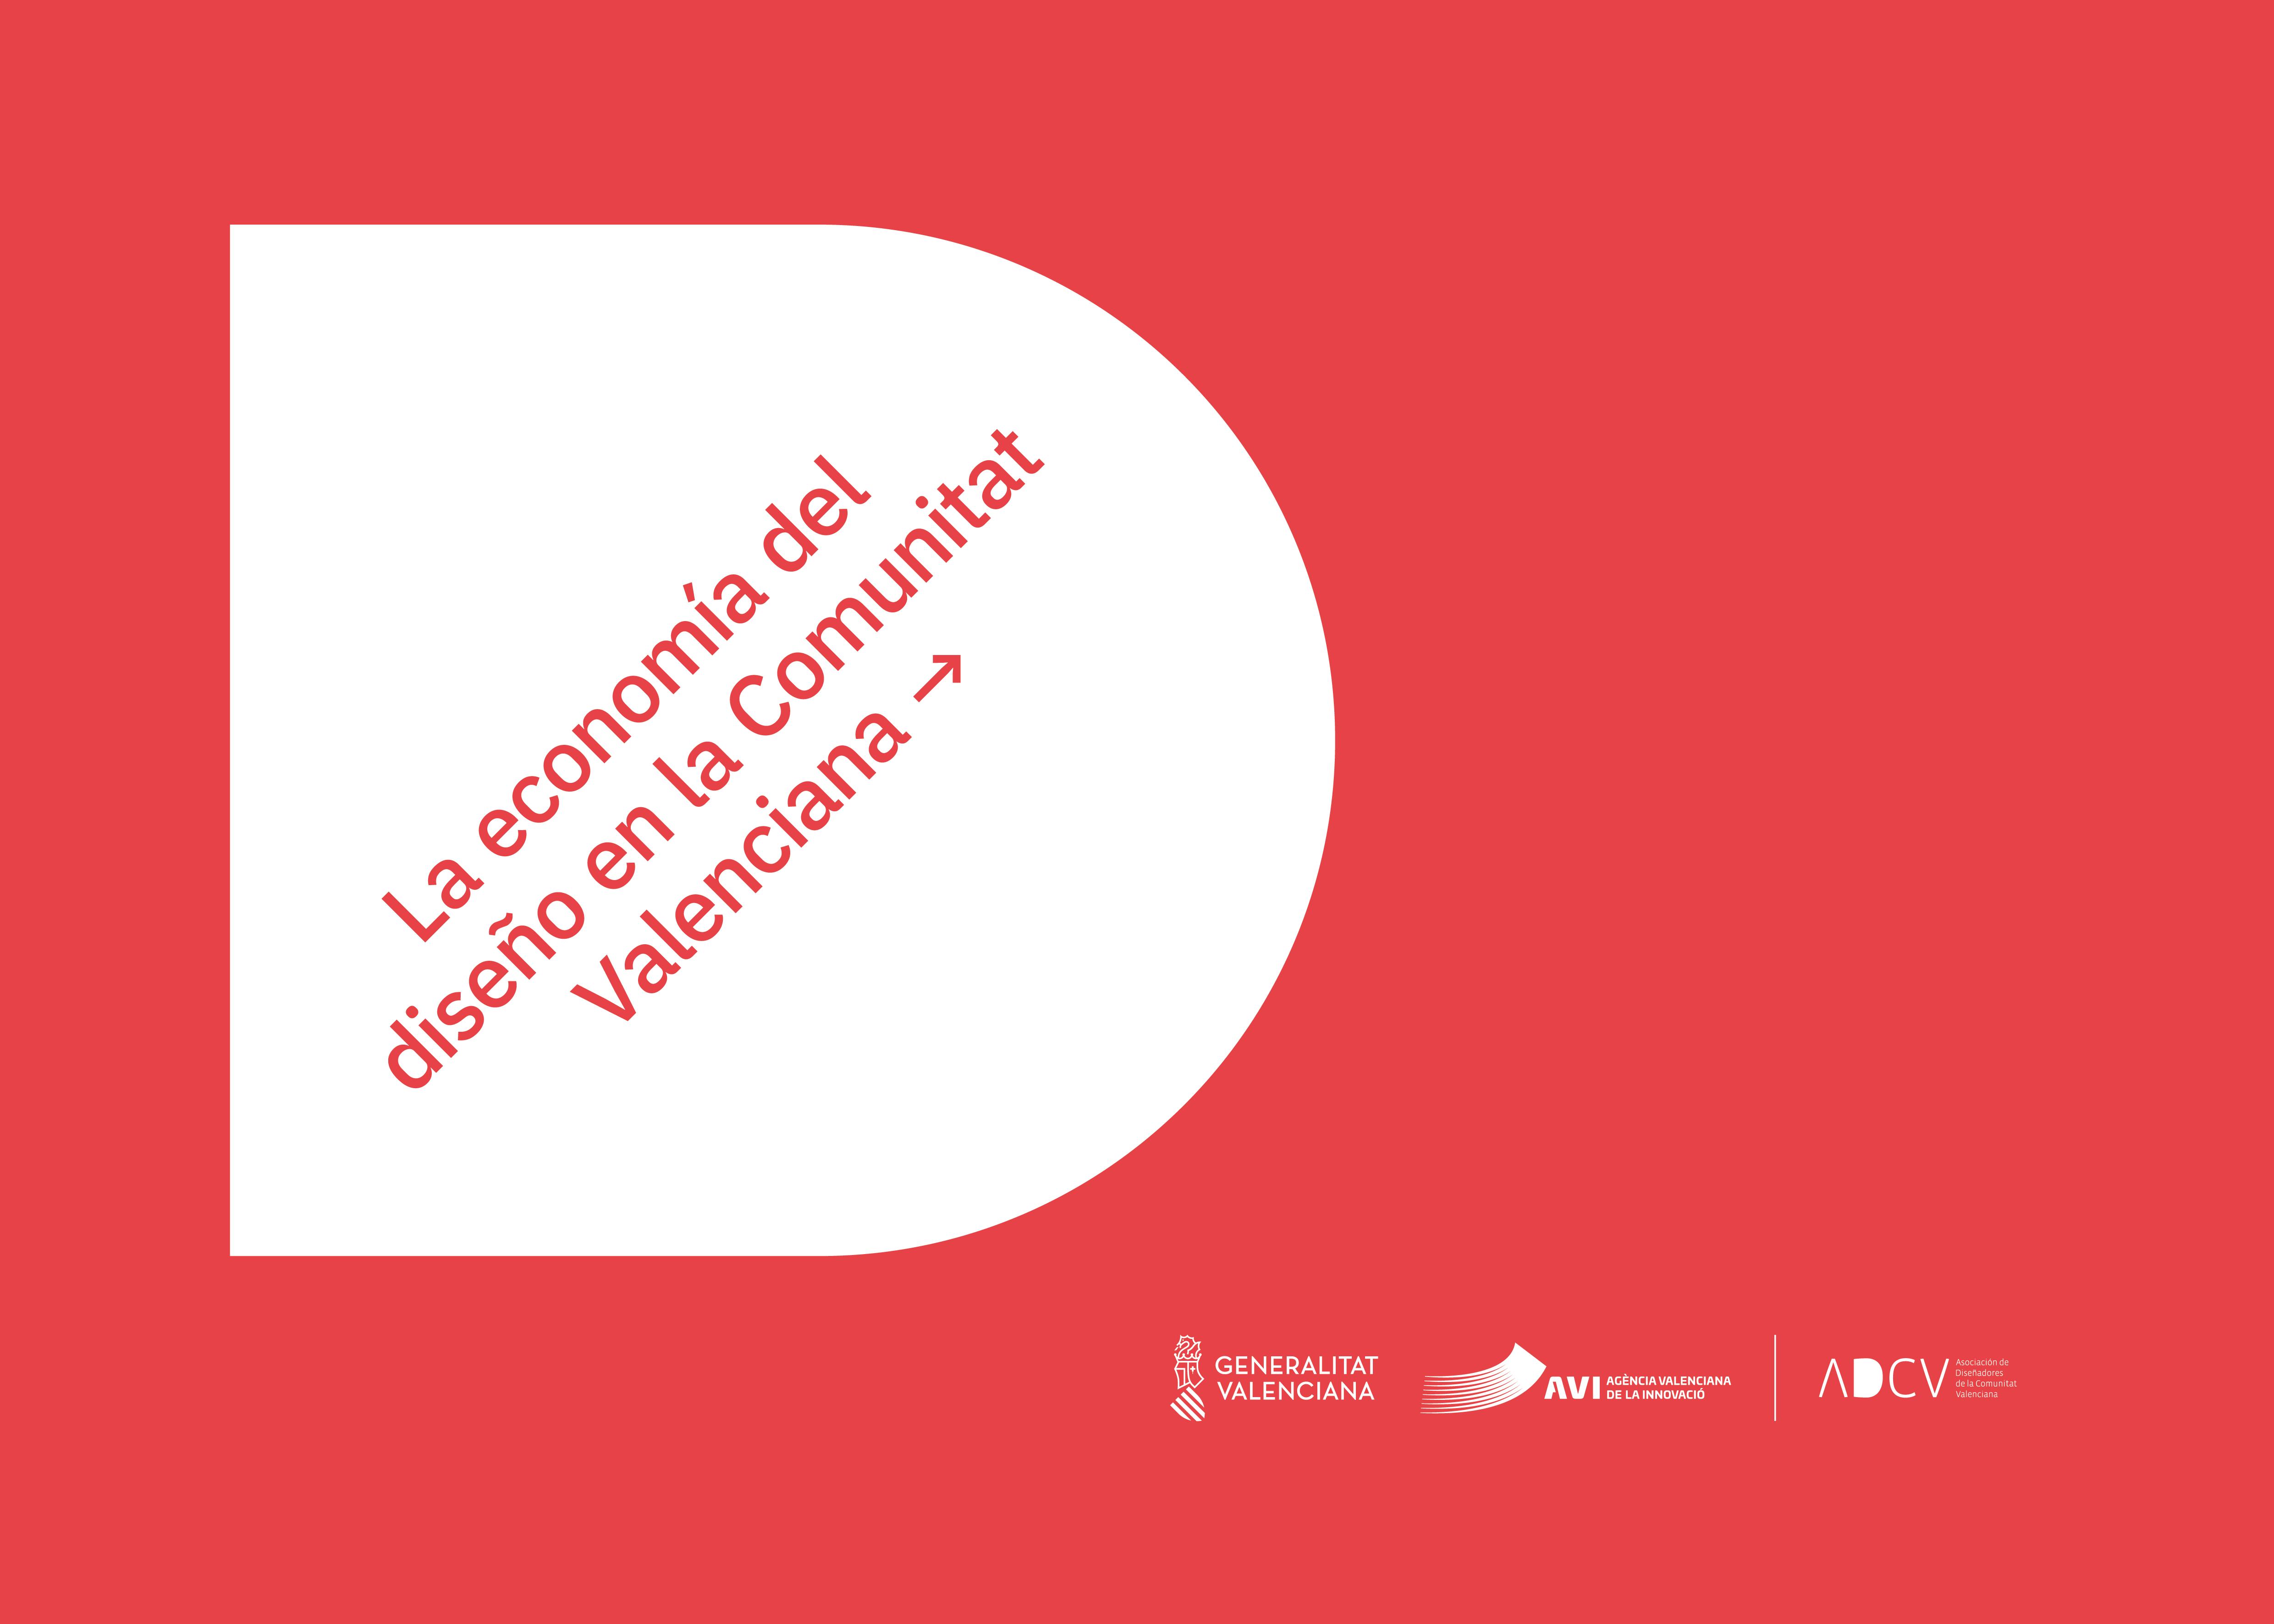 economia-del-diseño-en-la-comunidad-valenciana-estudio-adcv-financiado-por-avi-generalitat